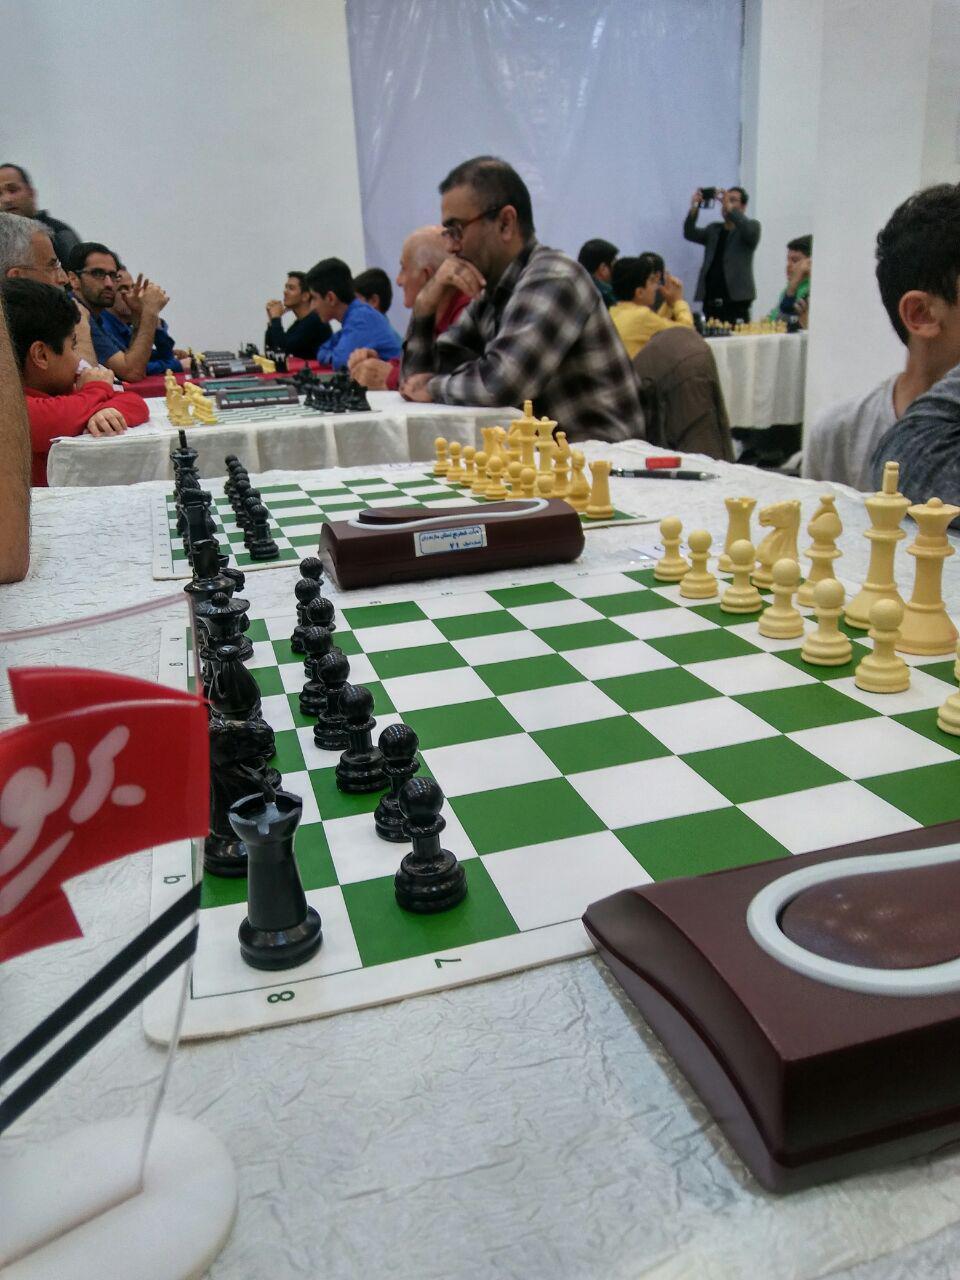 آغاز نخستین دوره مسابقات کشوری شطرنج آزاد جام غذا و سلامت در آمل +گزارش تصویری